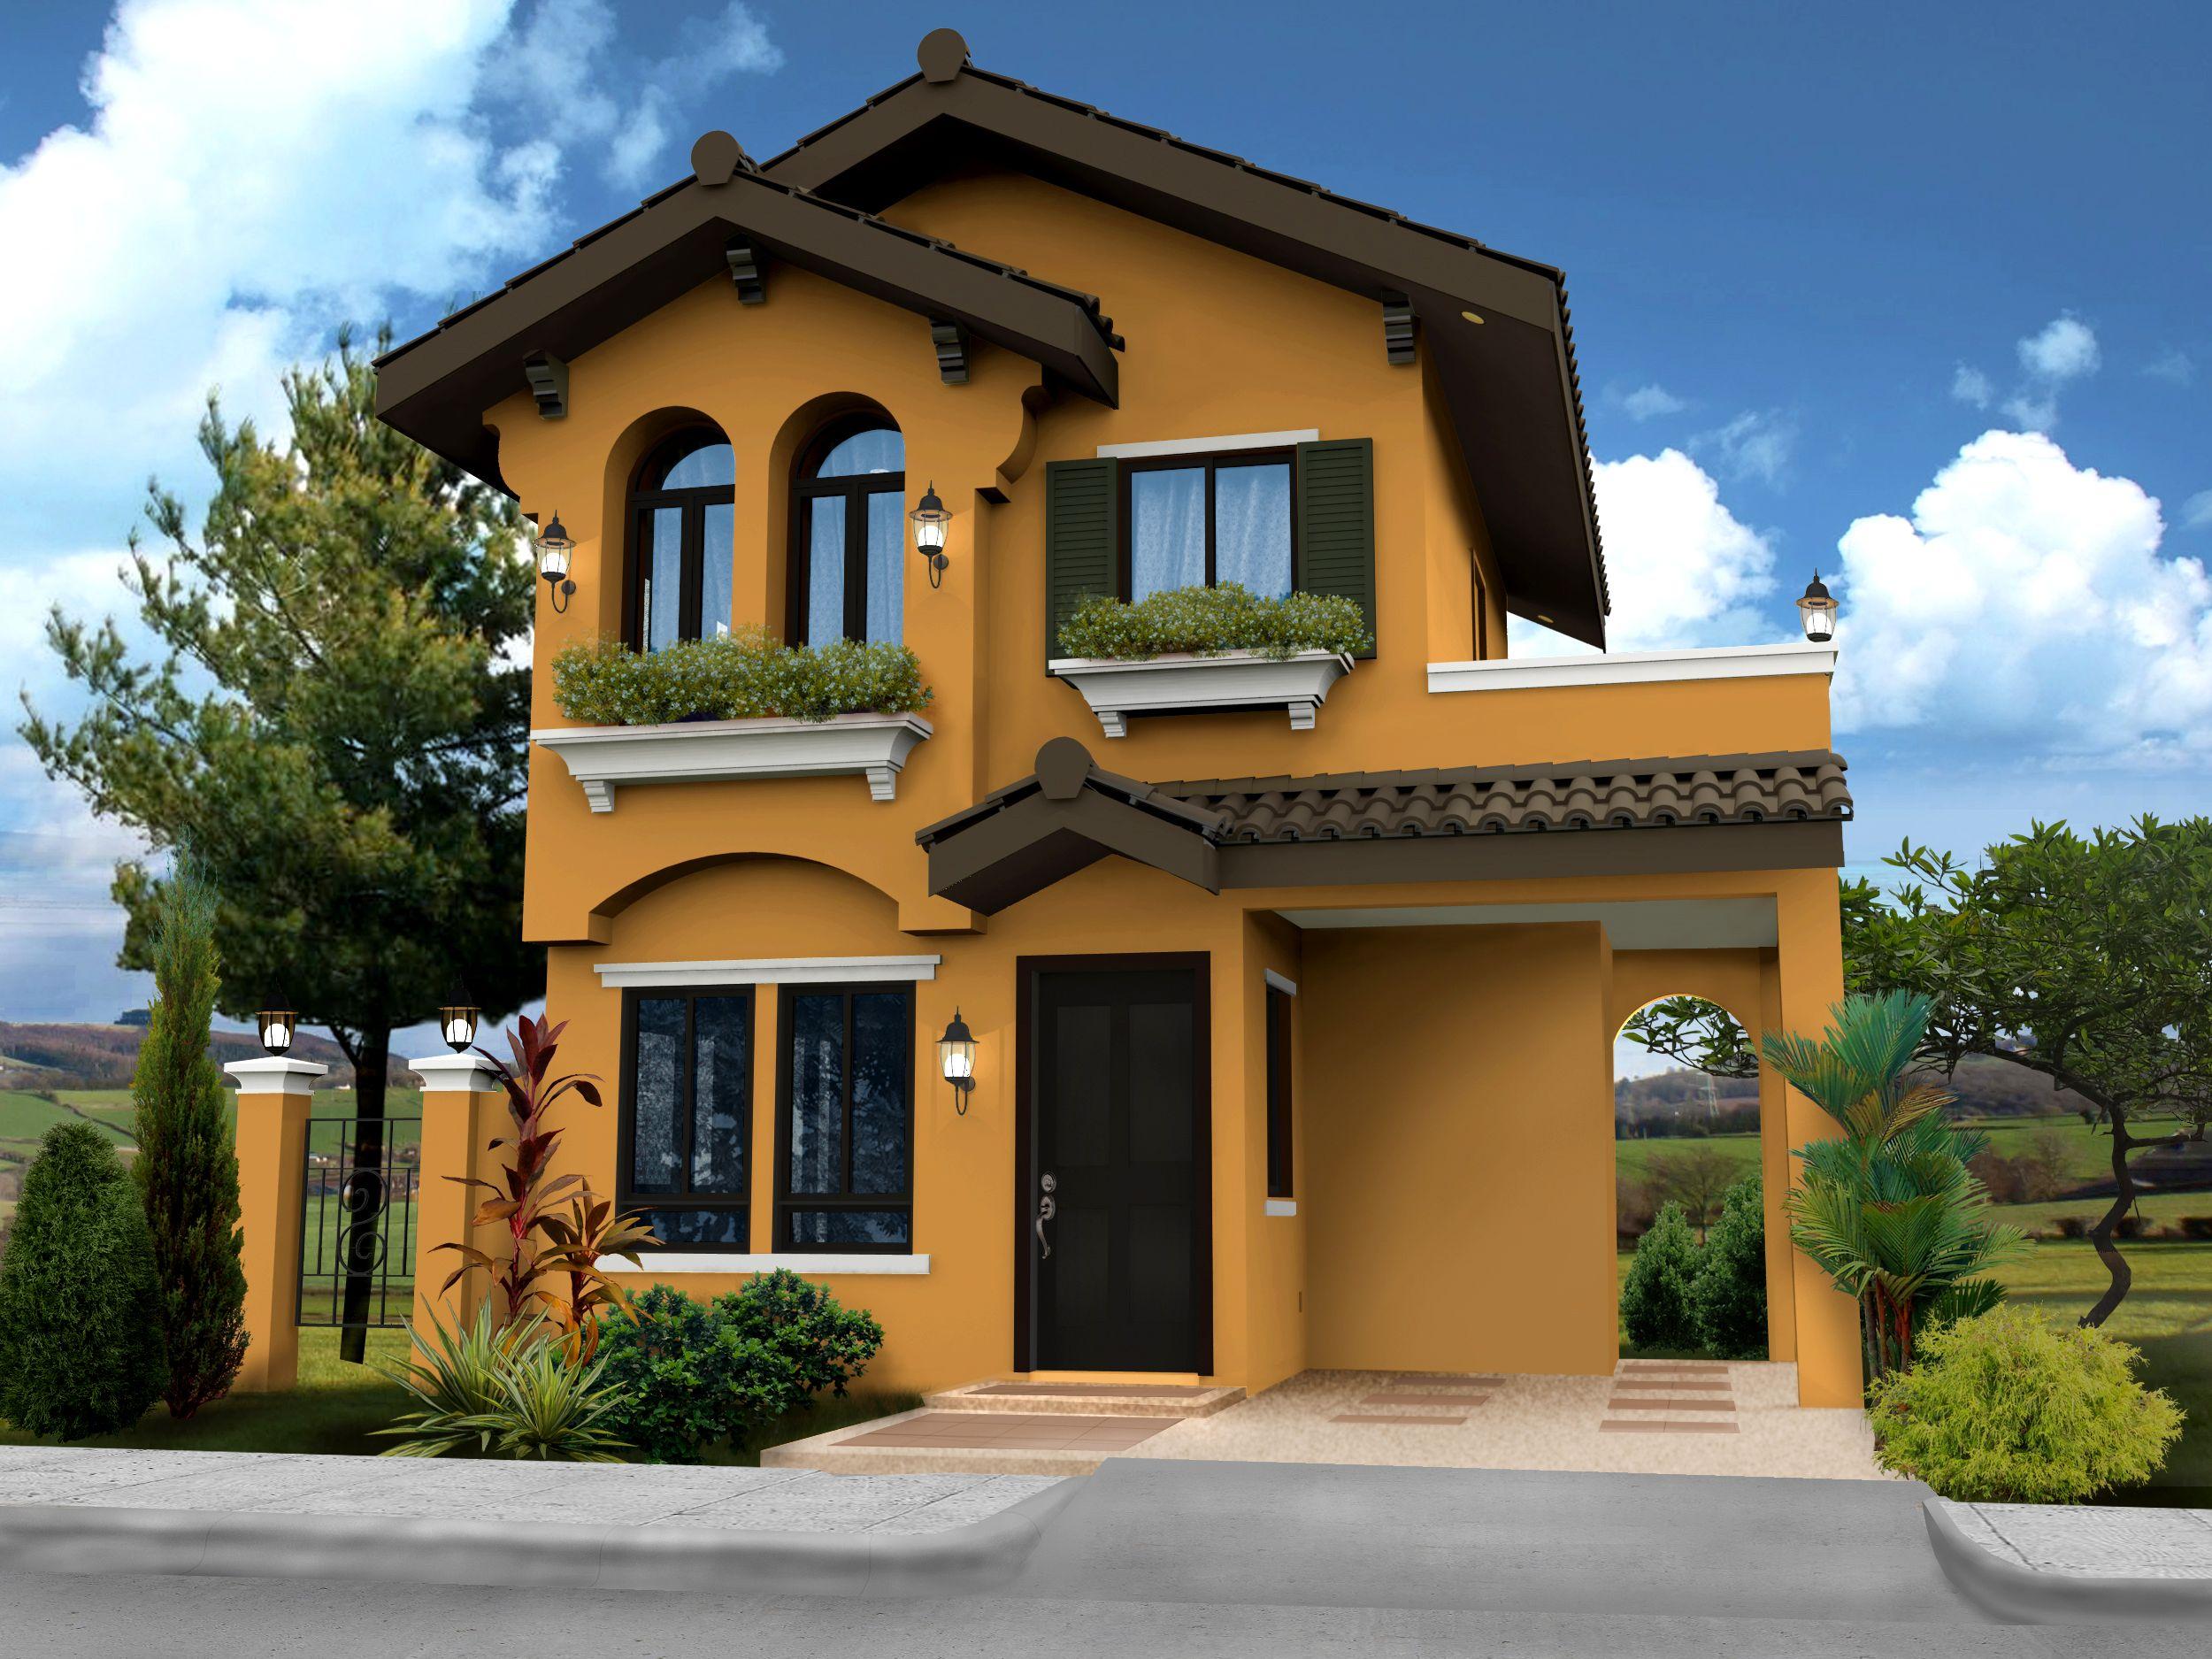 New Model House Design